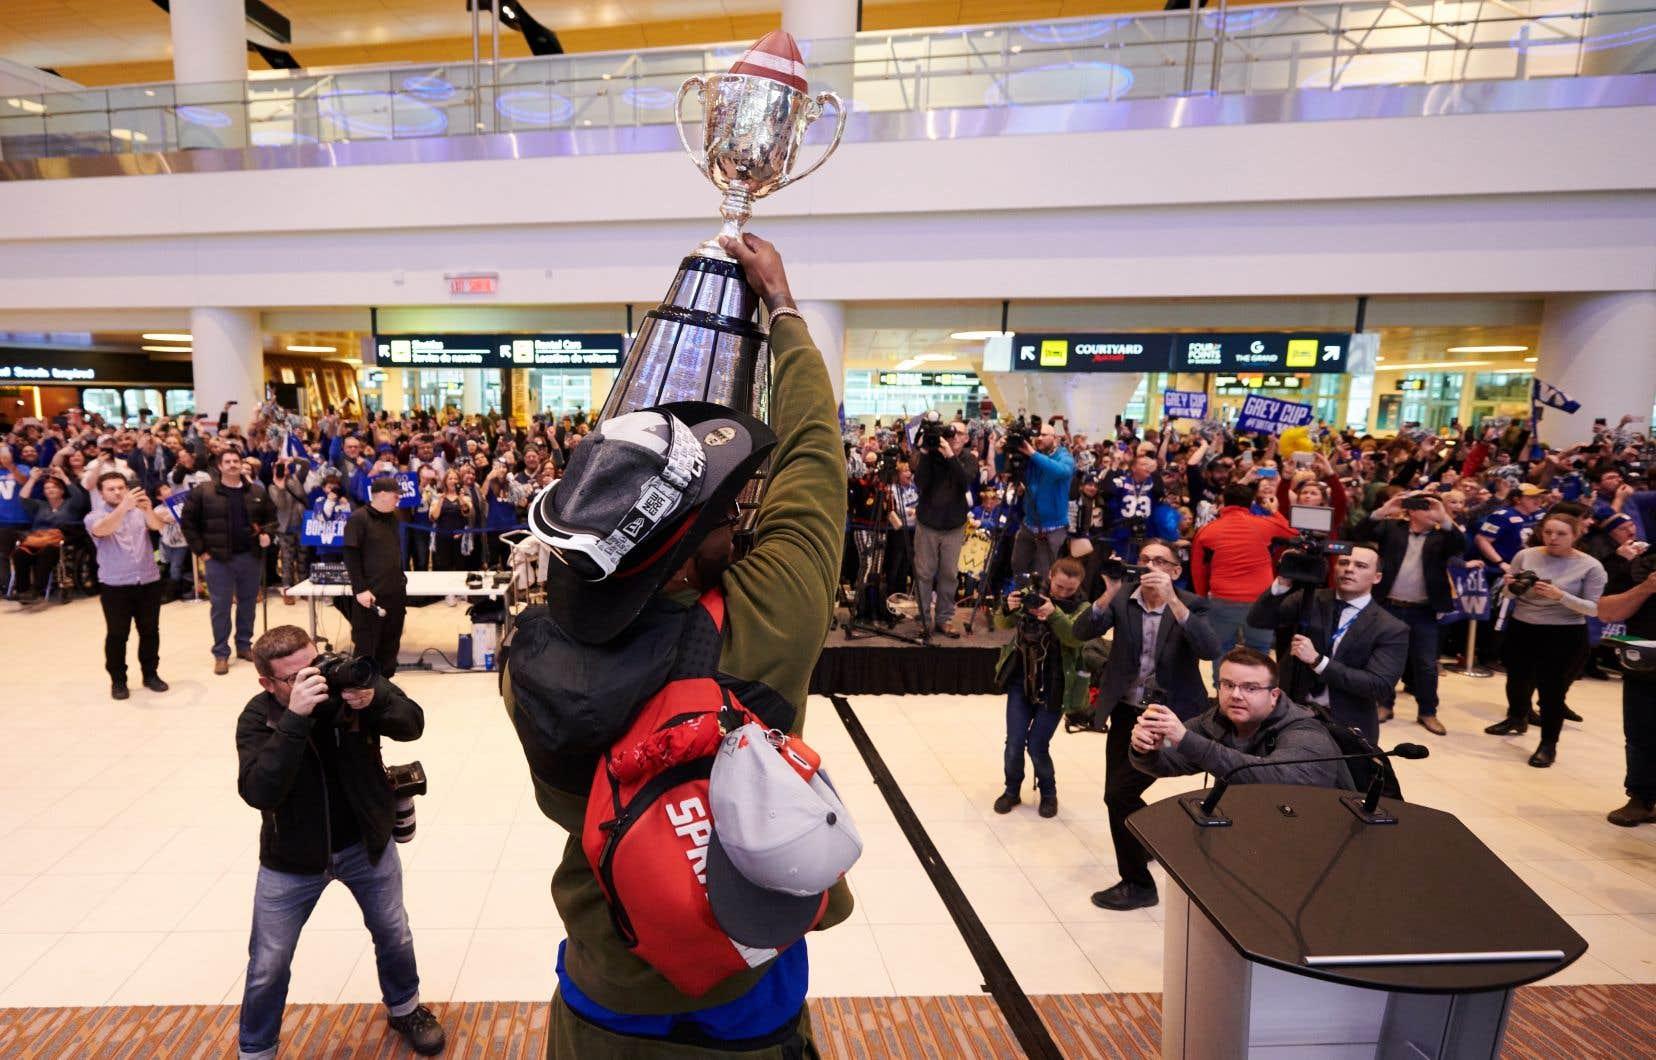 Des partisans des Blue Bombers de Winnipeg ont envahi l'aire des arrivées de l'aéroport pour accueillir leurs champions.